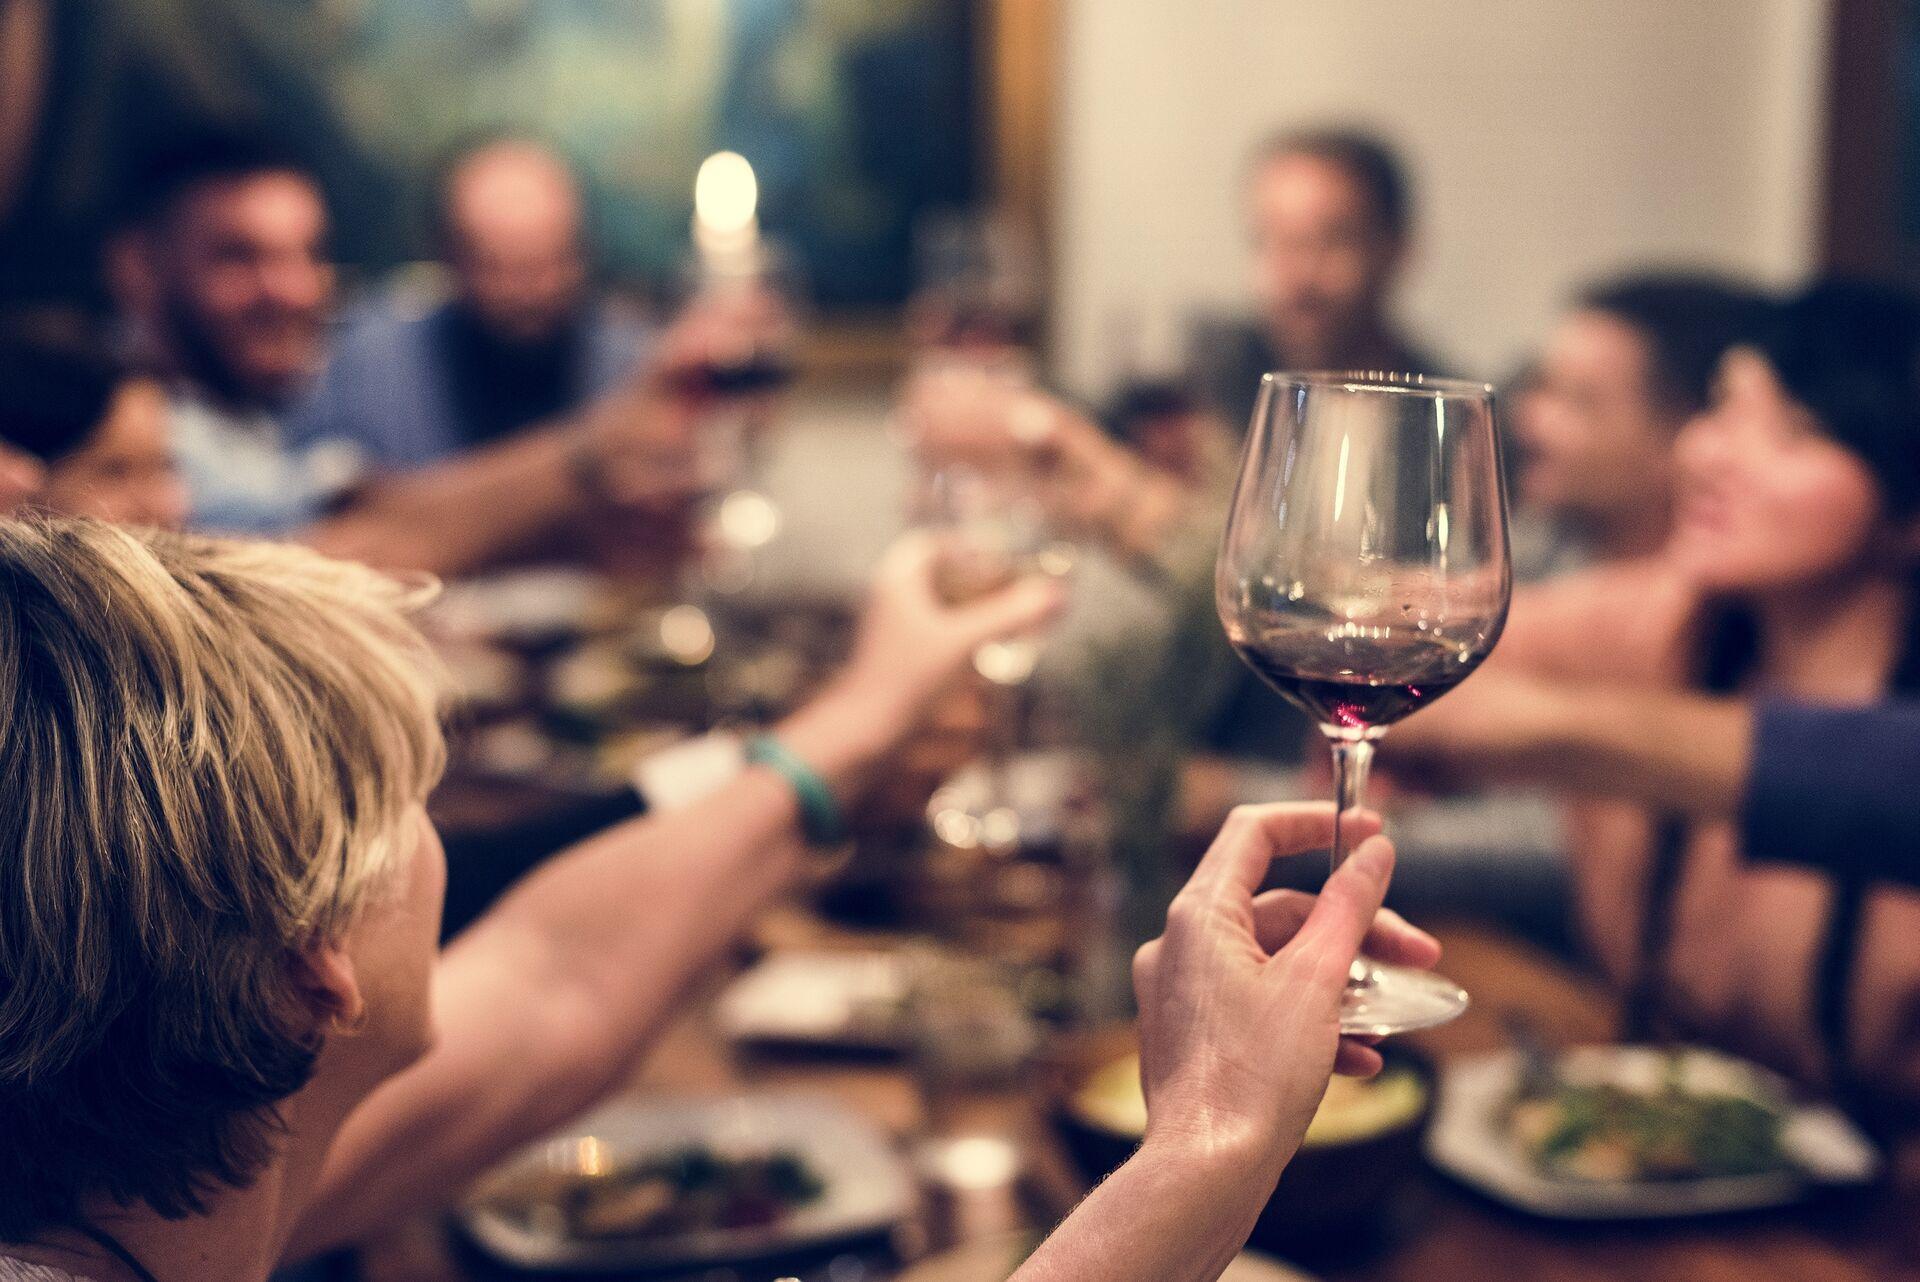 Abendessen mit Freunden - Genussabend